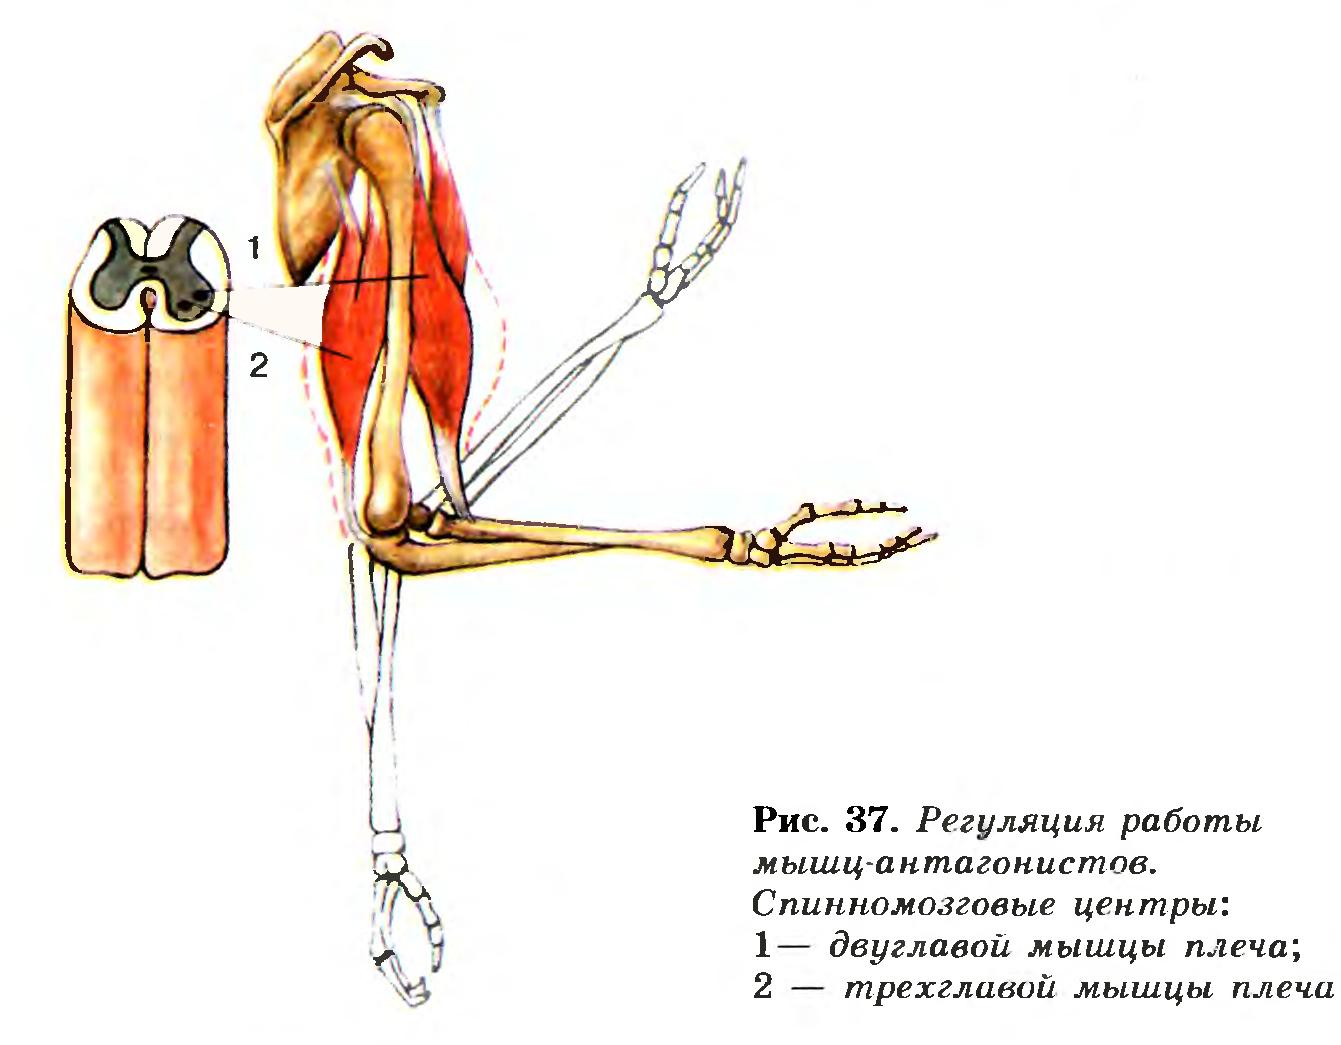 Характеристика основных групп скелетных мышц группа основные мышцы функции мышцы головы: 1 жевательные 2